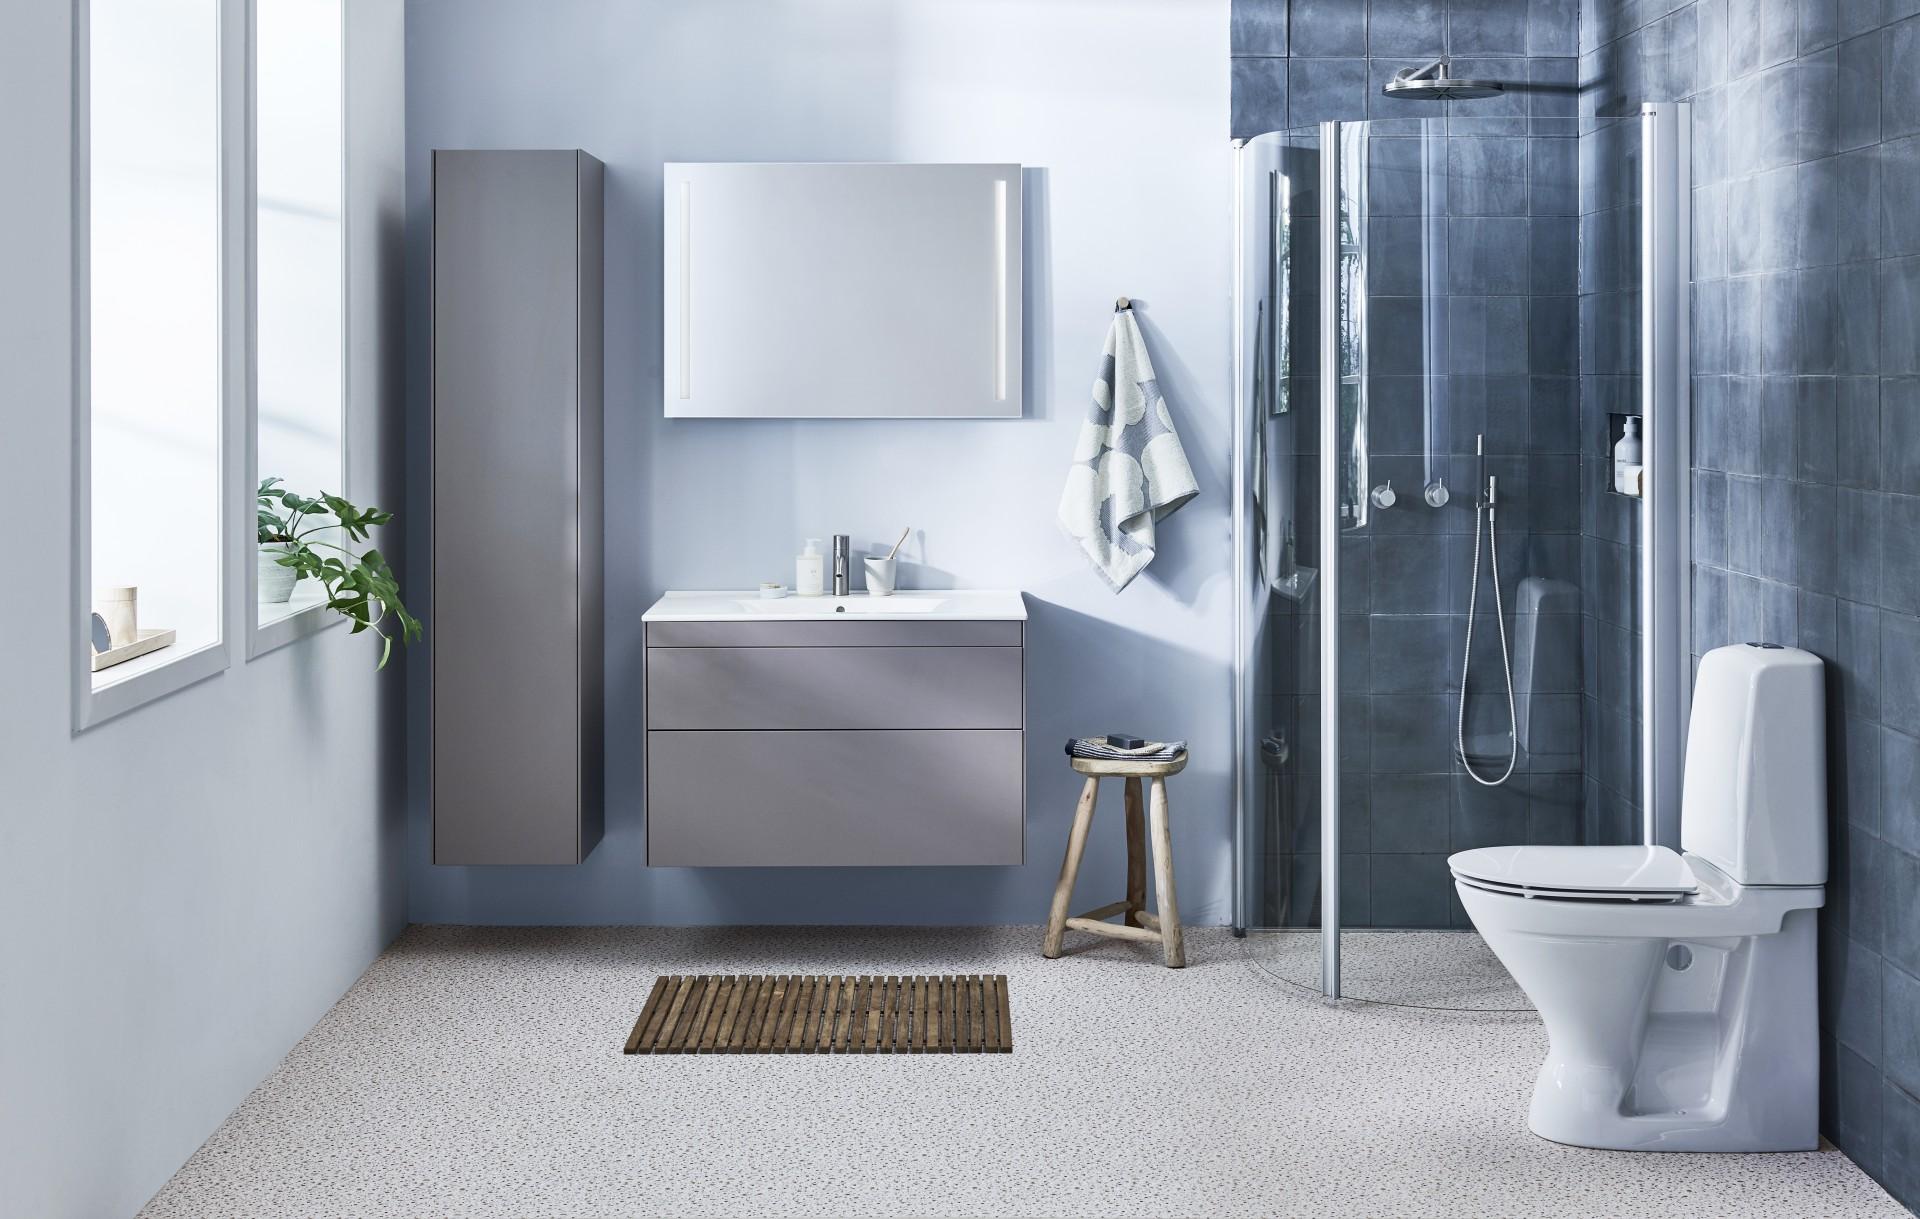 Vangvedvængets VVS Geberit Ifö komplet badeværelse